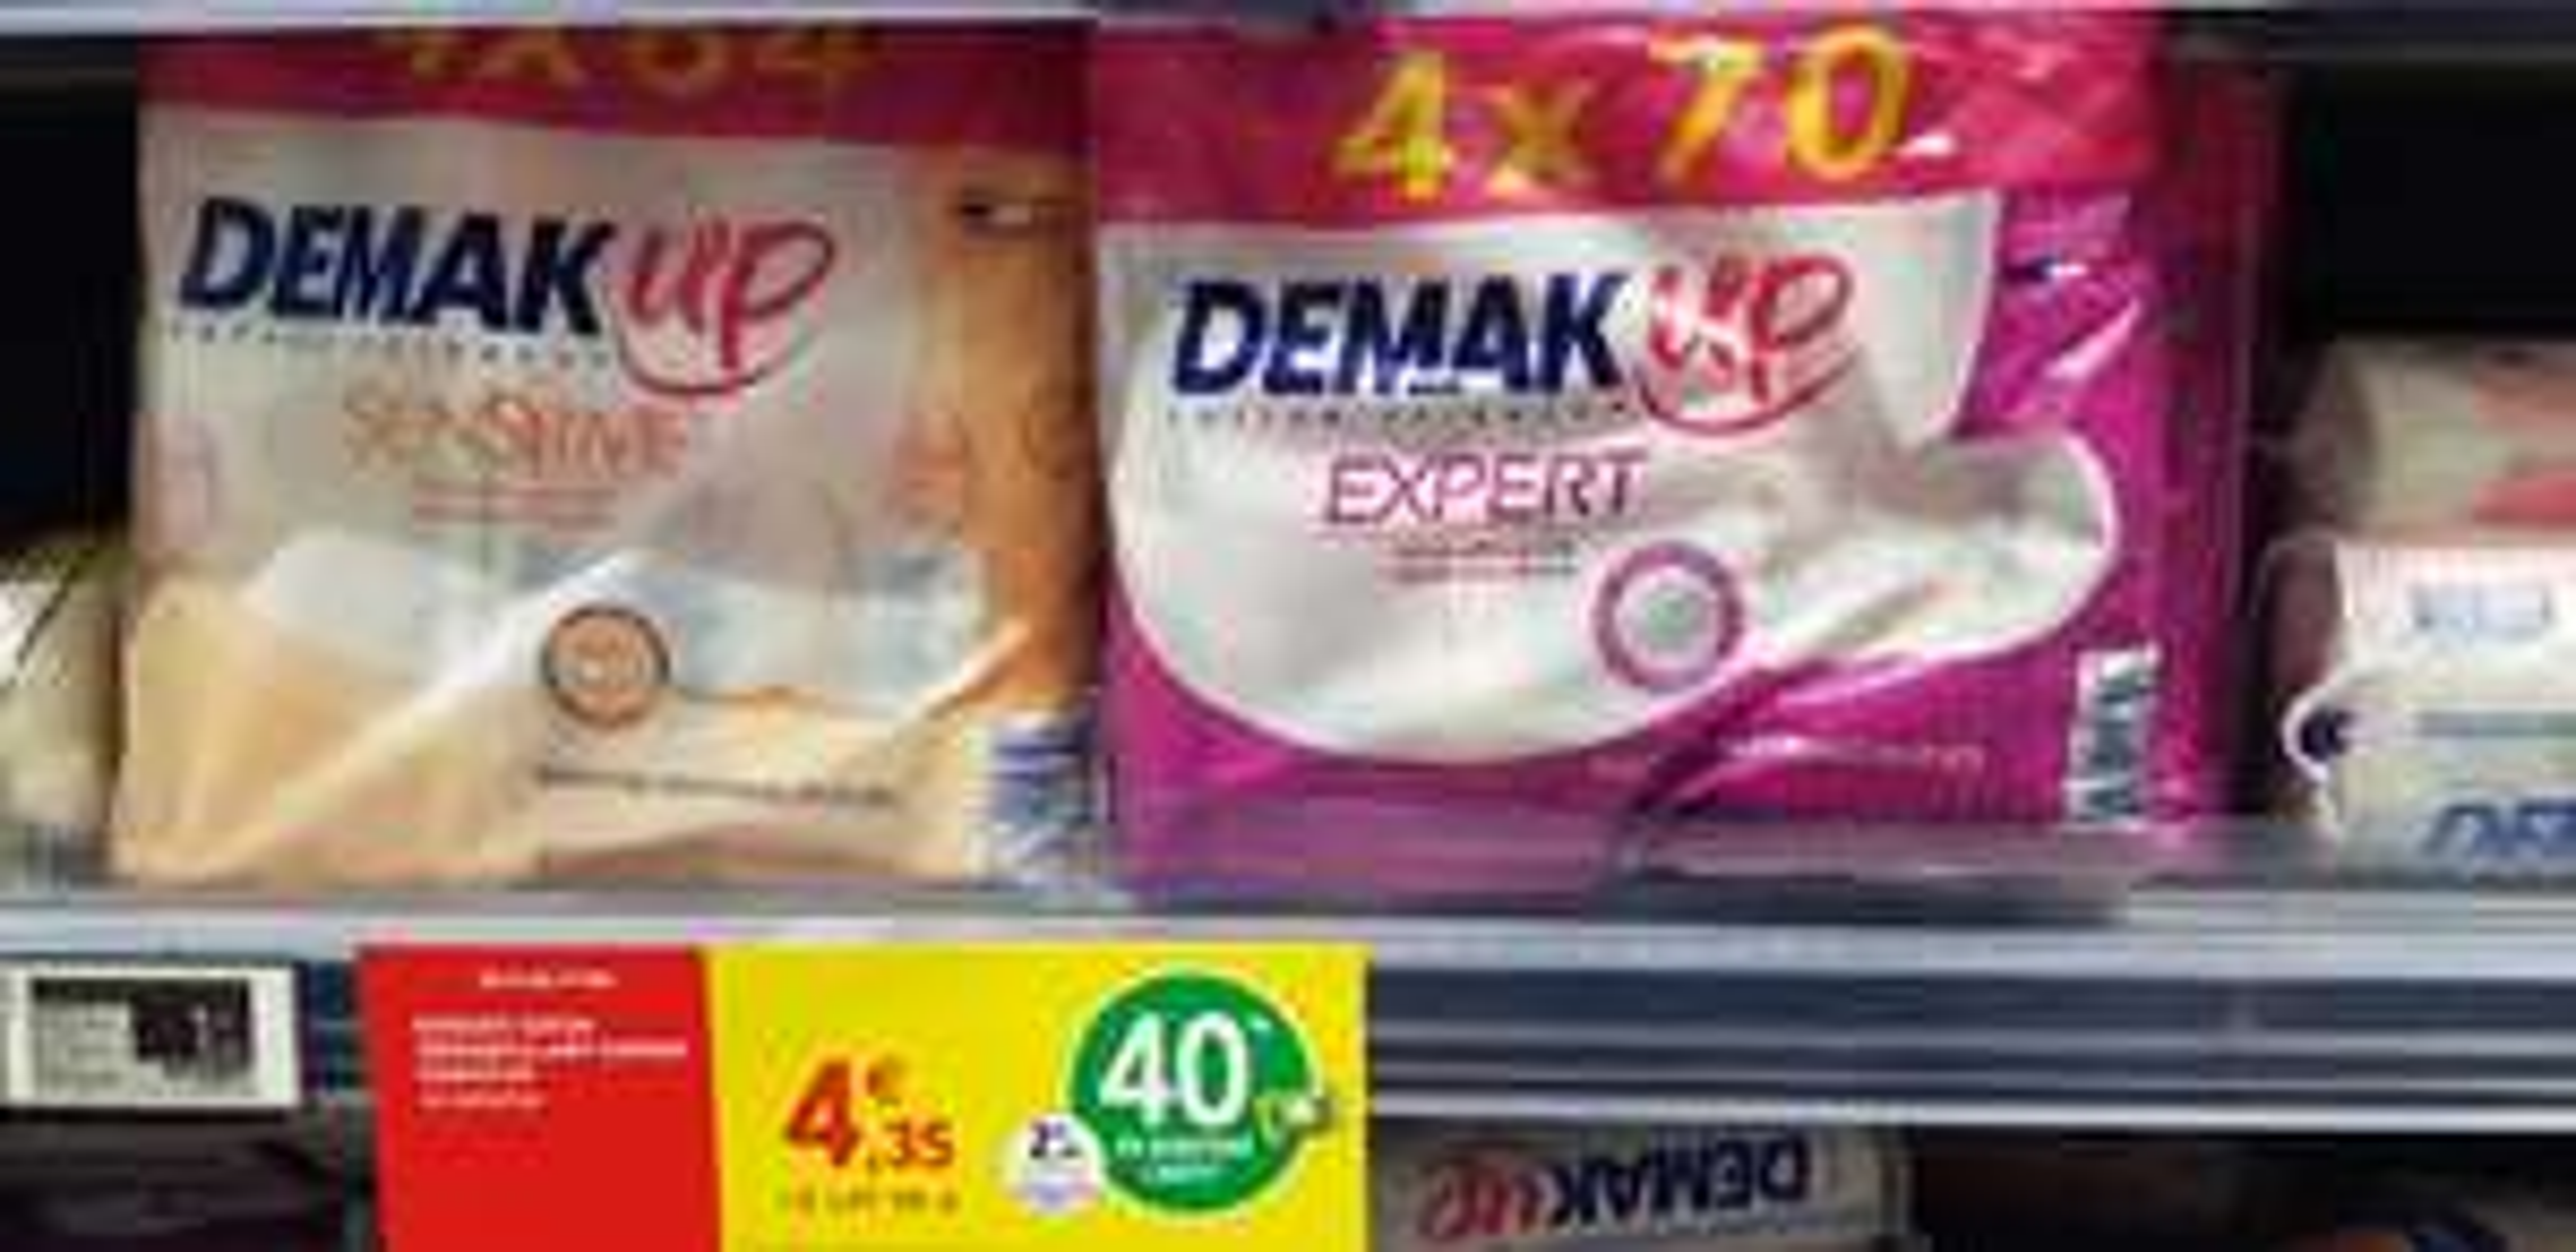 Lot de 4 Packs de disques Coton démaquillant Demak'up Expert ou Sensitive (via 1.74€ Carte Fidelité) - Lamorlaye (60)